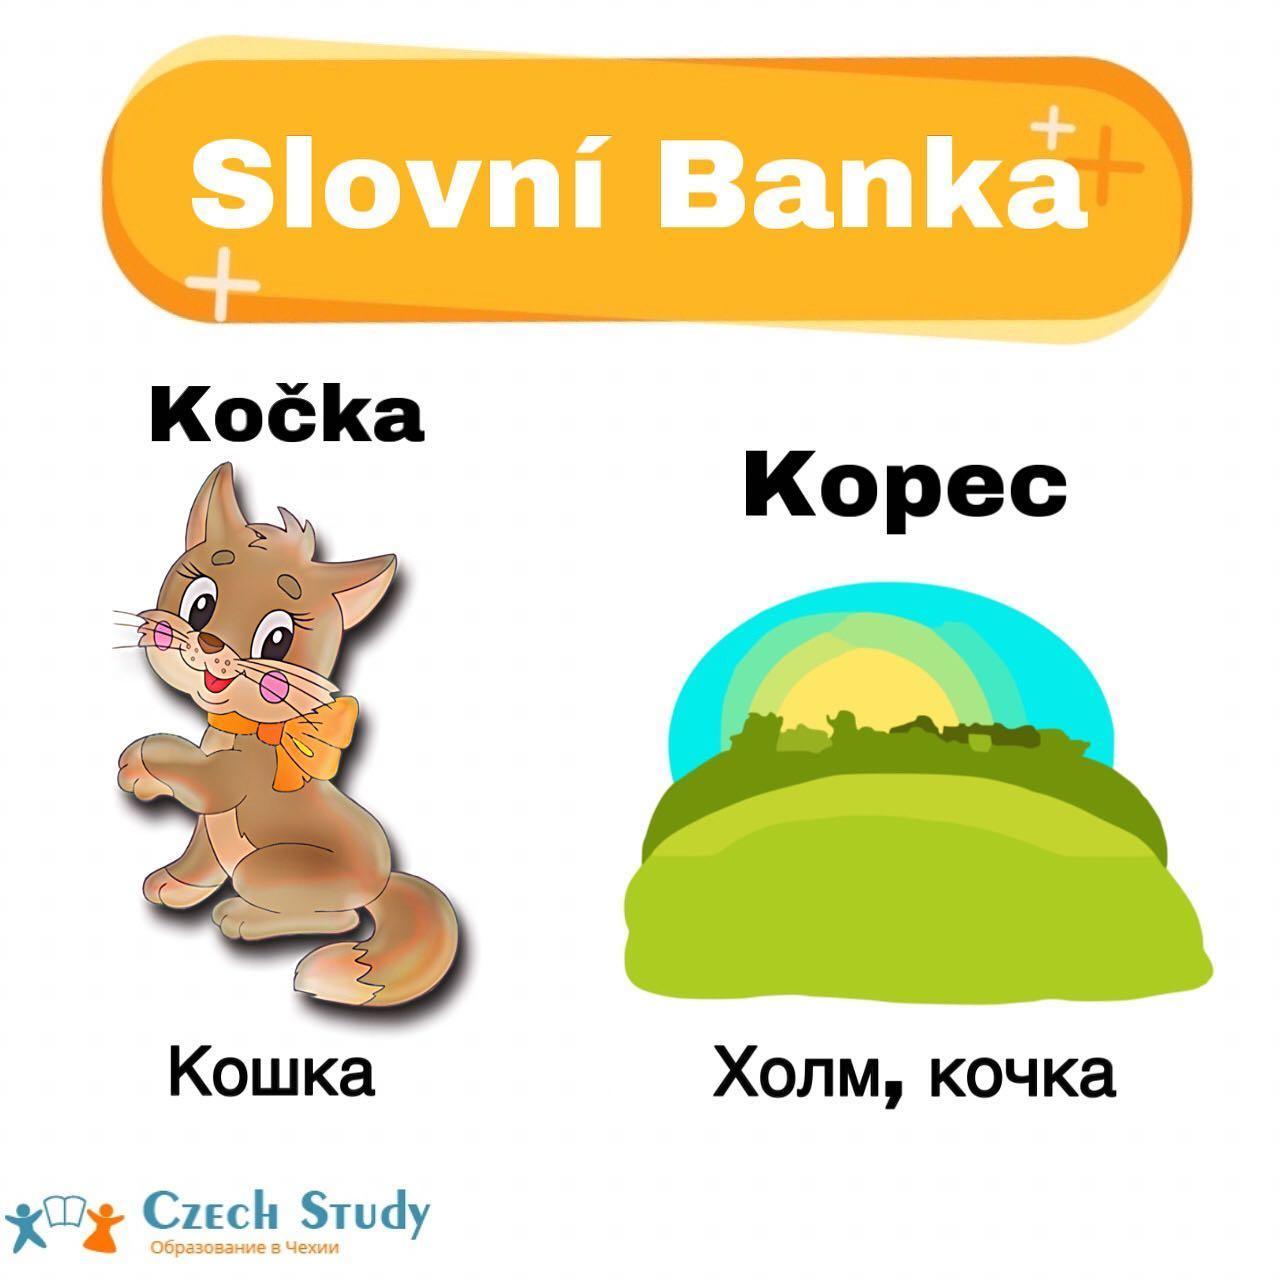 Slovní Banka ⠀ Когда начинаешь учить чешский язык, то, с одной стороны, встречается много слов подобных русским словам, с другой стороны, в чешском языке есть немало слов, которые вызывают смех или улыбку у русского человека. А иногда из-за неправильного понимания чешских слов люди попадают в комические или нелепые ситуации️ ⠀ Вот некоторые из них 🏻 ⠀ Ovoce-[Овоцэ]-фрукты; Zelenina-[Зэлэнина]-овощи; ⠀ Kočka-[Кочка]-кошка; Kopeс, kopeček-[Копэц, копэчек]-холм, горка; ⠀ Frajer-[Фрайэр]-молодец; Zločinec-[Злочинец]-фраер, преступник; ⠀ Pozor-[Позор]-внимание; Hanba-[Ганба]-позор; ⠀ Stůl-[Стул]-стол; Židle-[Жидле]-стул; ⠀ Okurky-[Окурки]-огурцы; Nedopalky-[Недопалки]-окурки; ⠀ Puk-[Пук]-шайба; Pšoukat-[Пшоукат]-пук; ⠀ Houby-[Гоубы]-грибы; Rty-[Рты]-губы. ⠀ Вот такие парой смешные слова в переводе️Ставьте ️ и сохраняйте себе  А в комментариях пишите, какие слова чешского языка удивили вас🤗